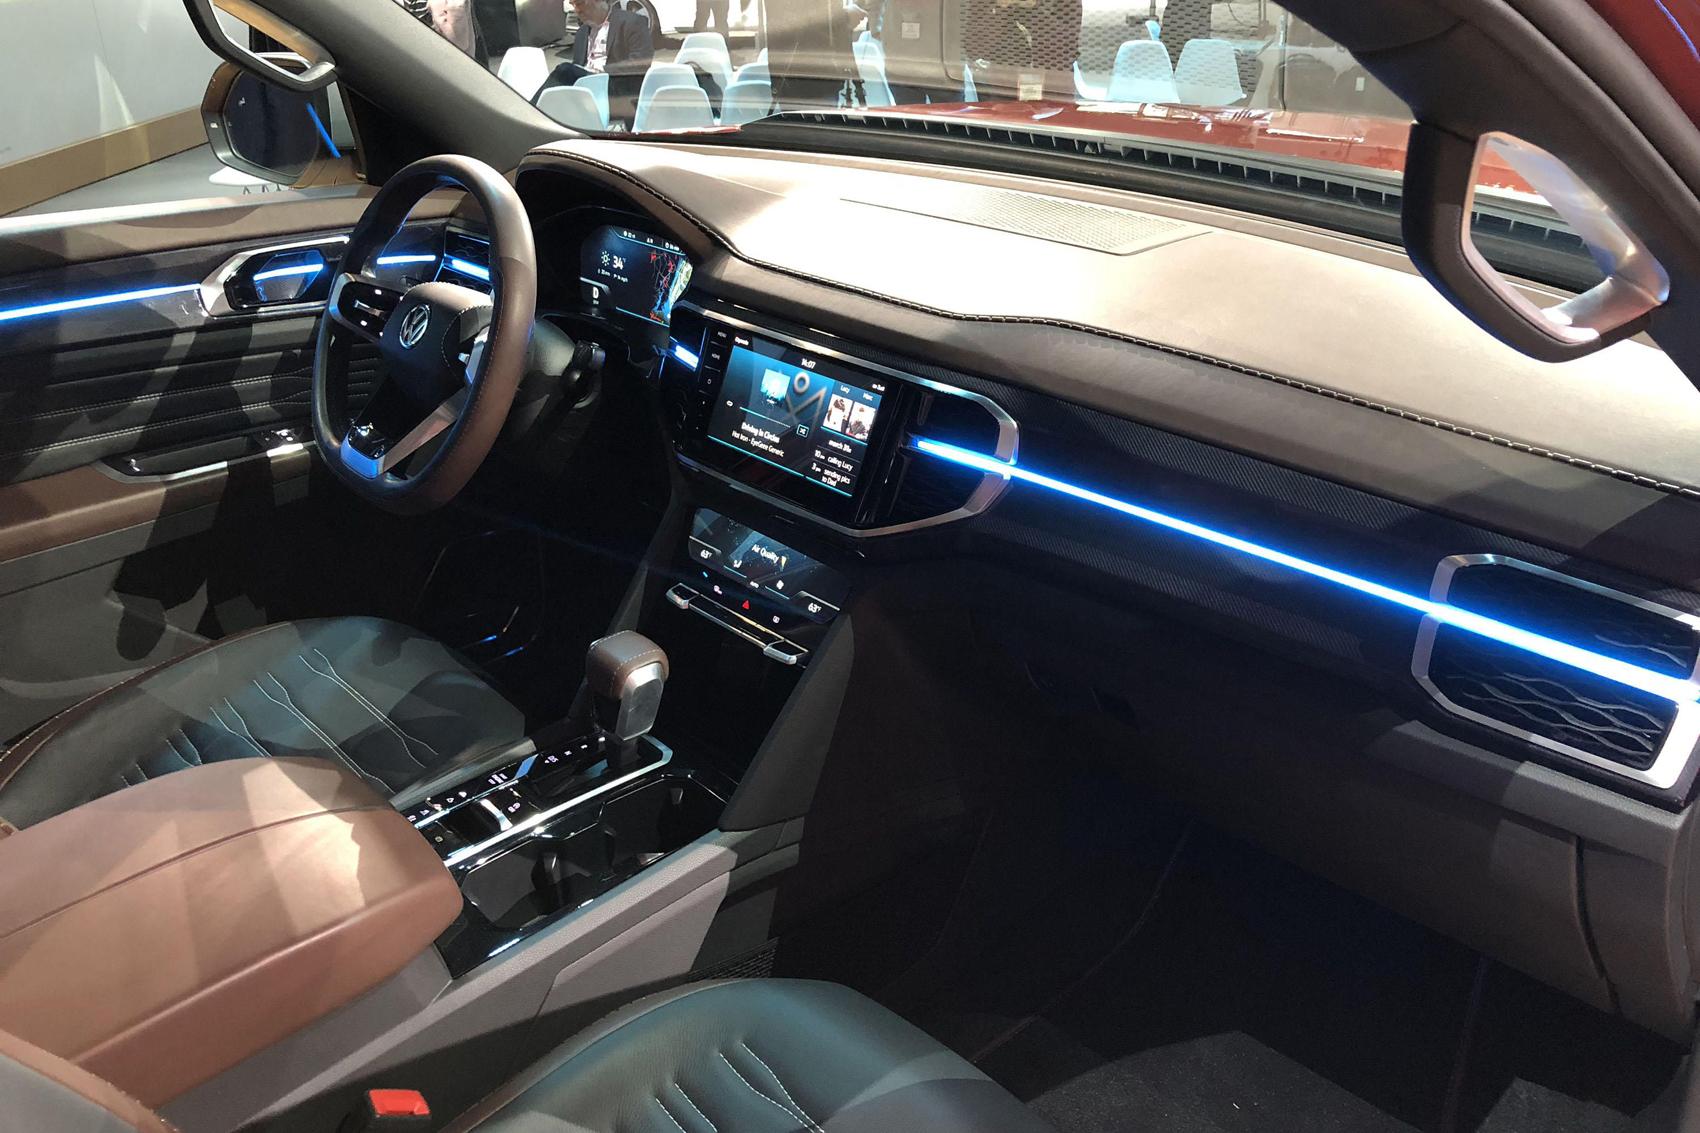 modelado 3D, automoción, 3D, coche, diseño de coches, diseño gráfico, Volkswagen, Nueva York, NY, salón automóvil, show car, pickup, Atlas Tanoak